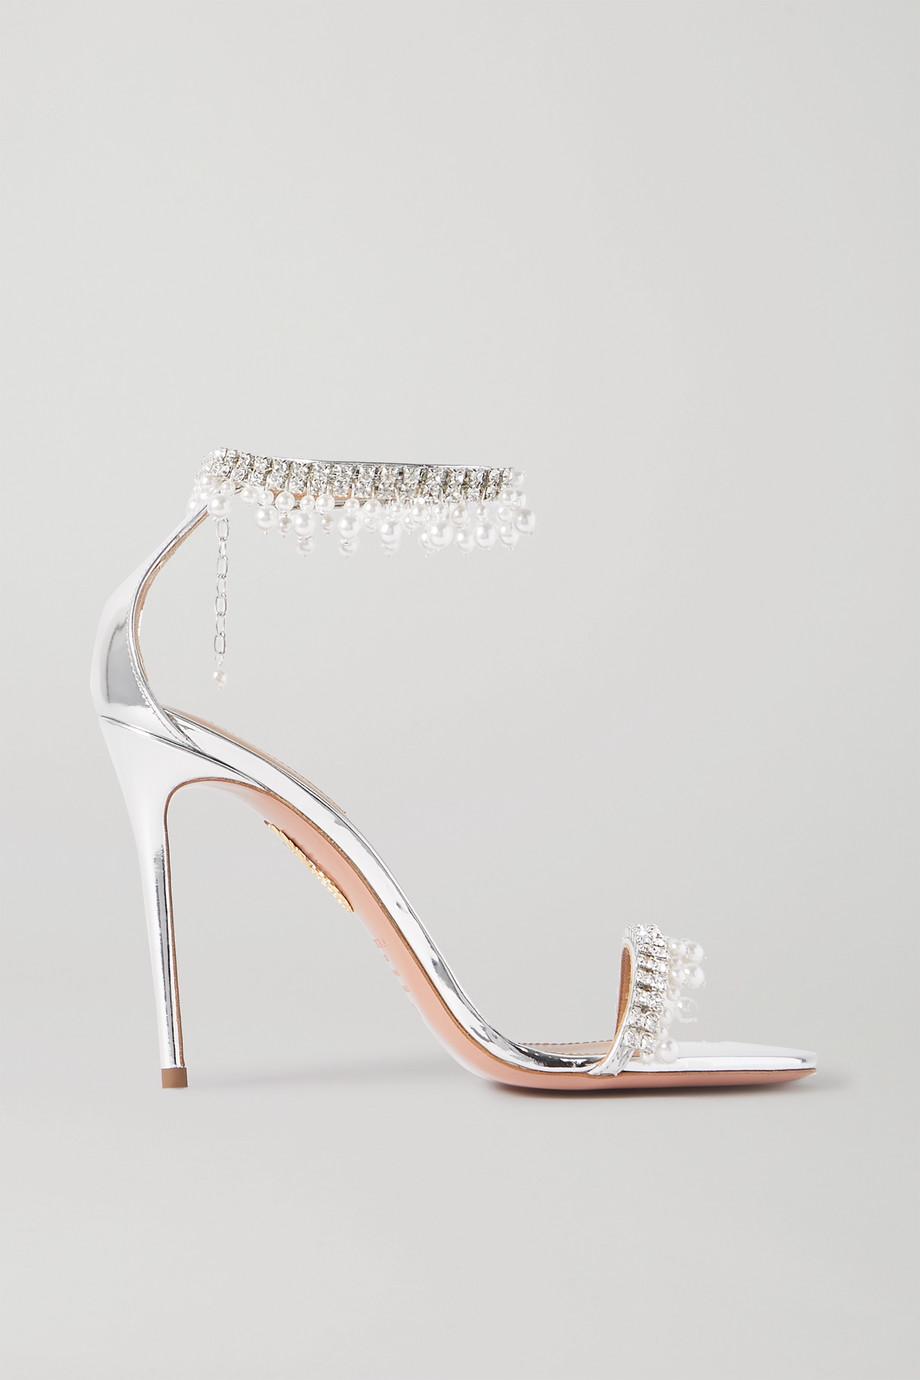 Aquazzura Exquisite 105 embellished metallic leather sandals